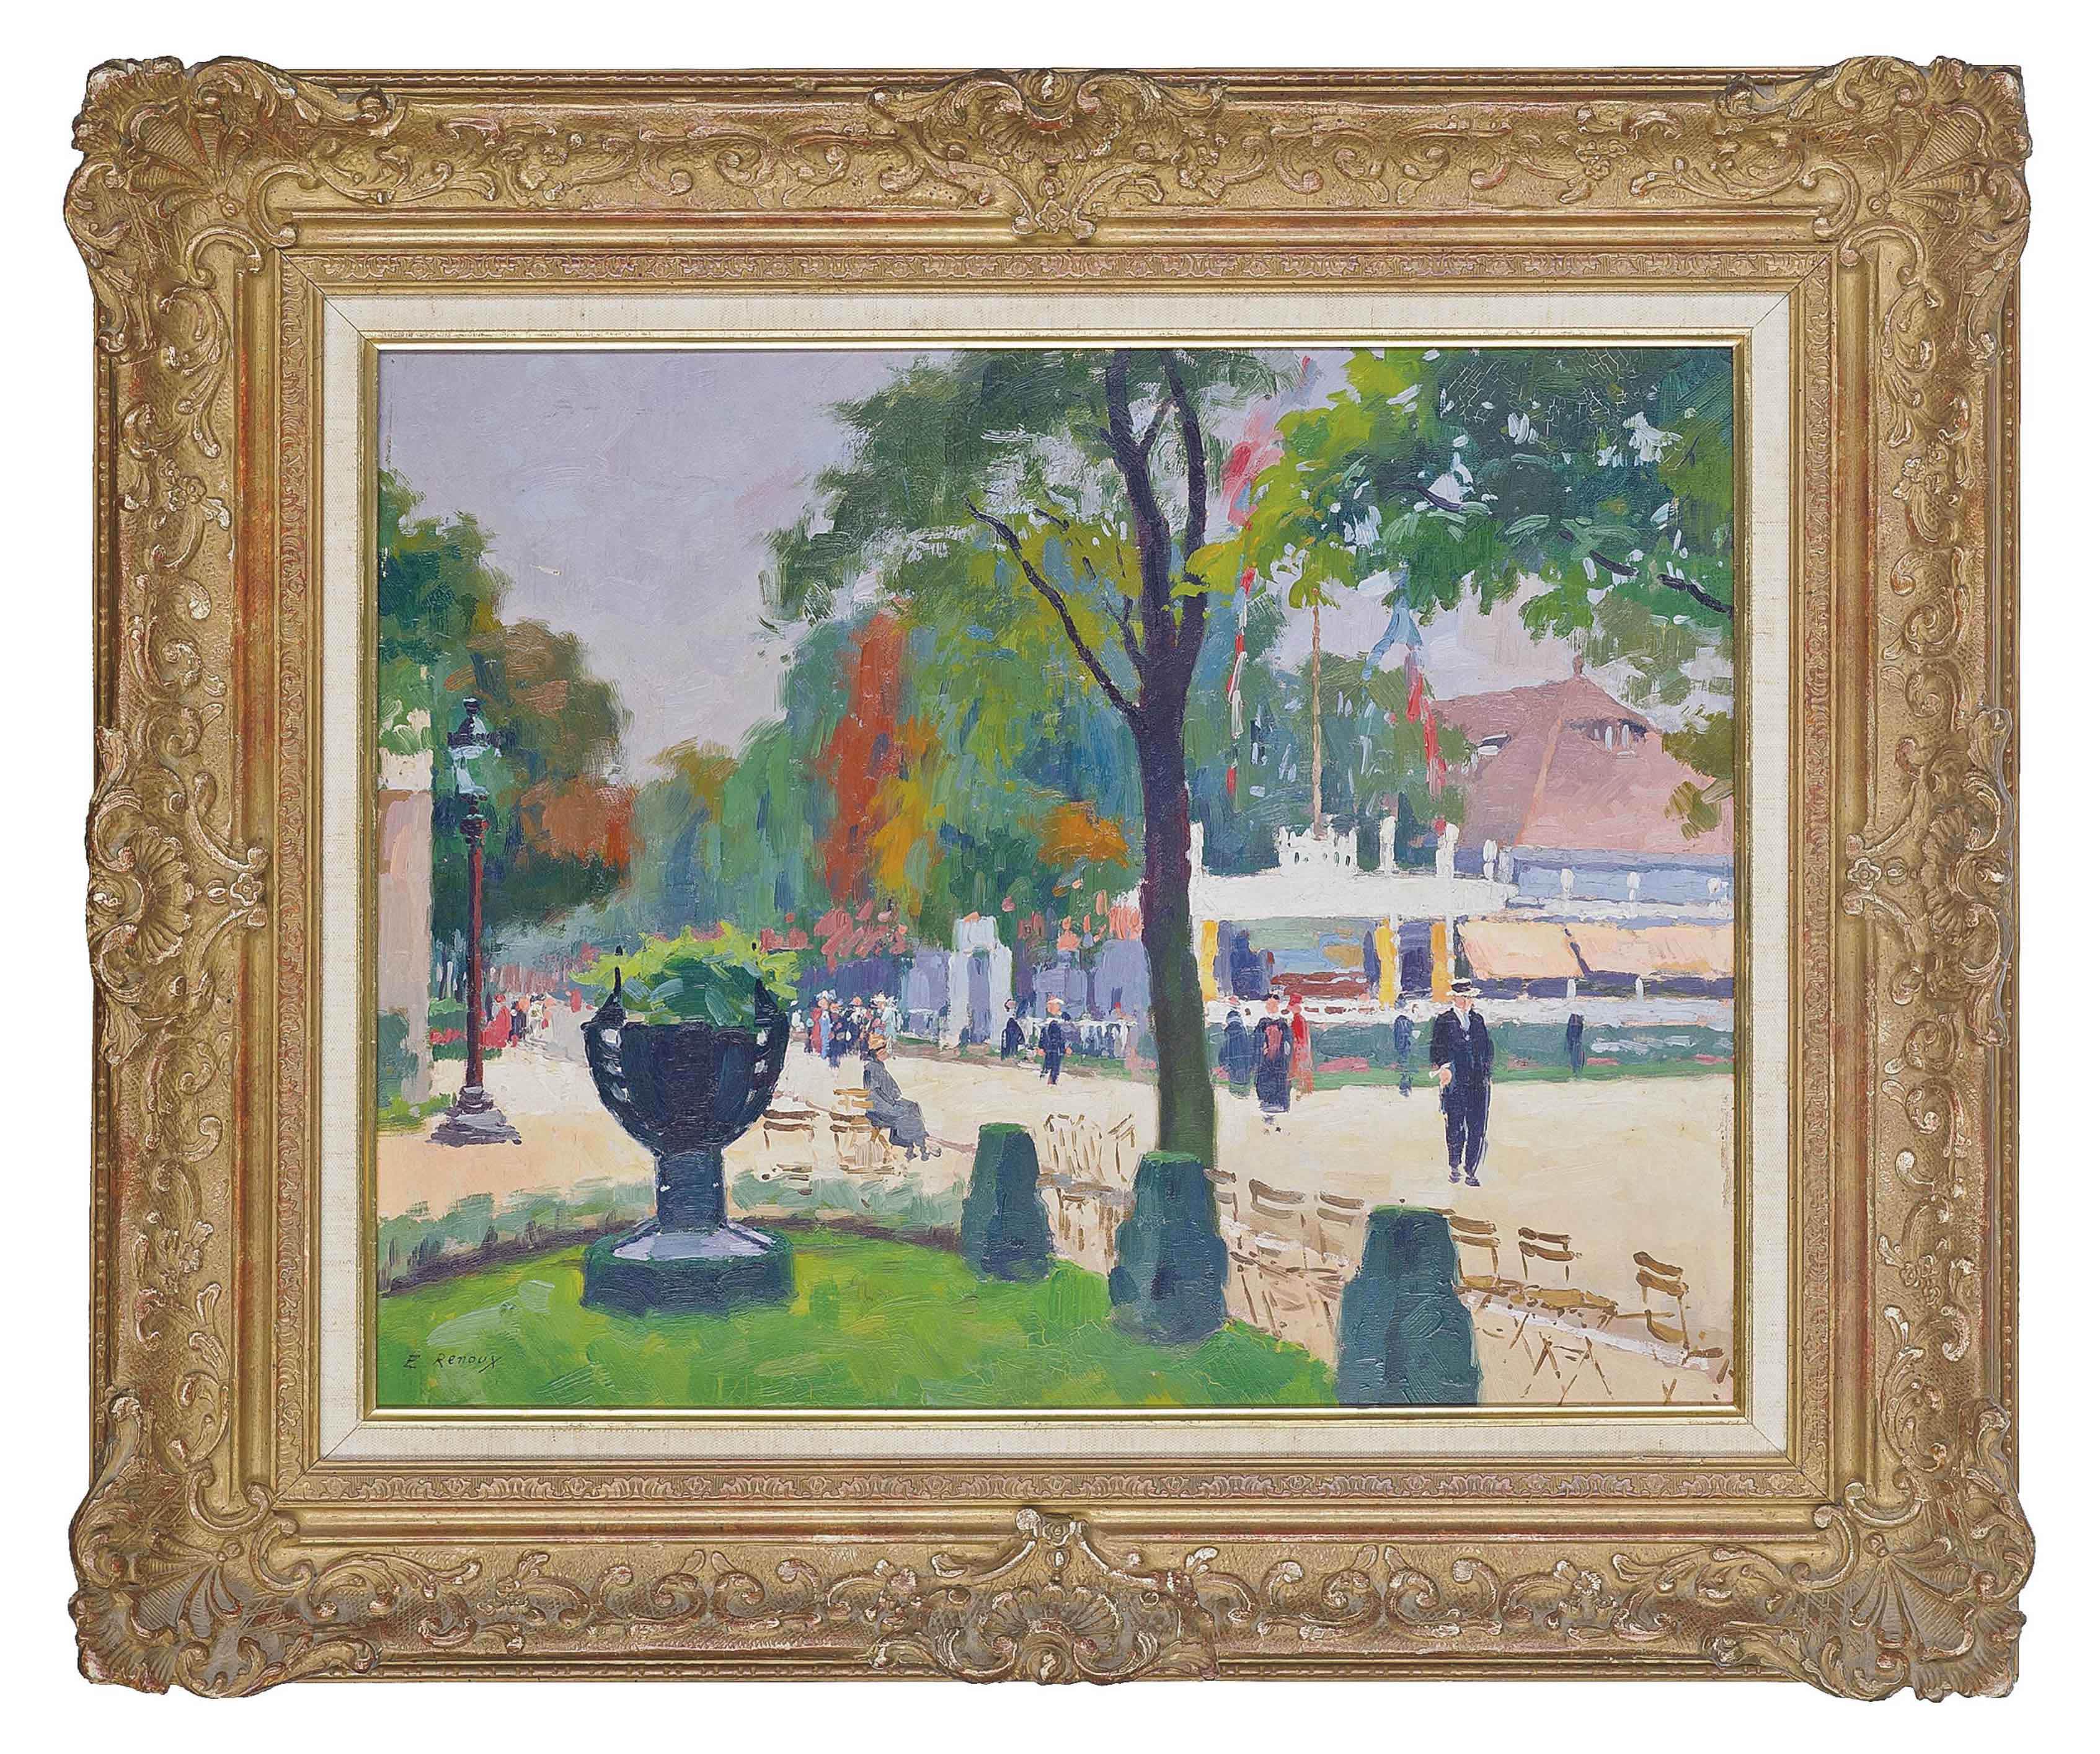 Exposition des Arts Decoratifs, Cours la Reine, Paris, 1925